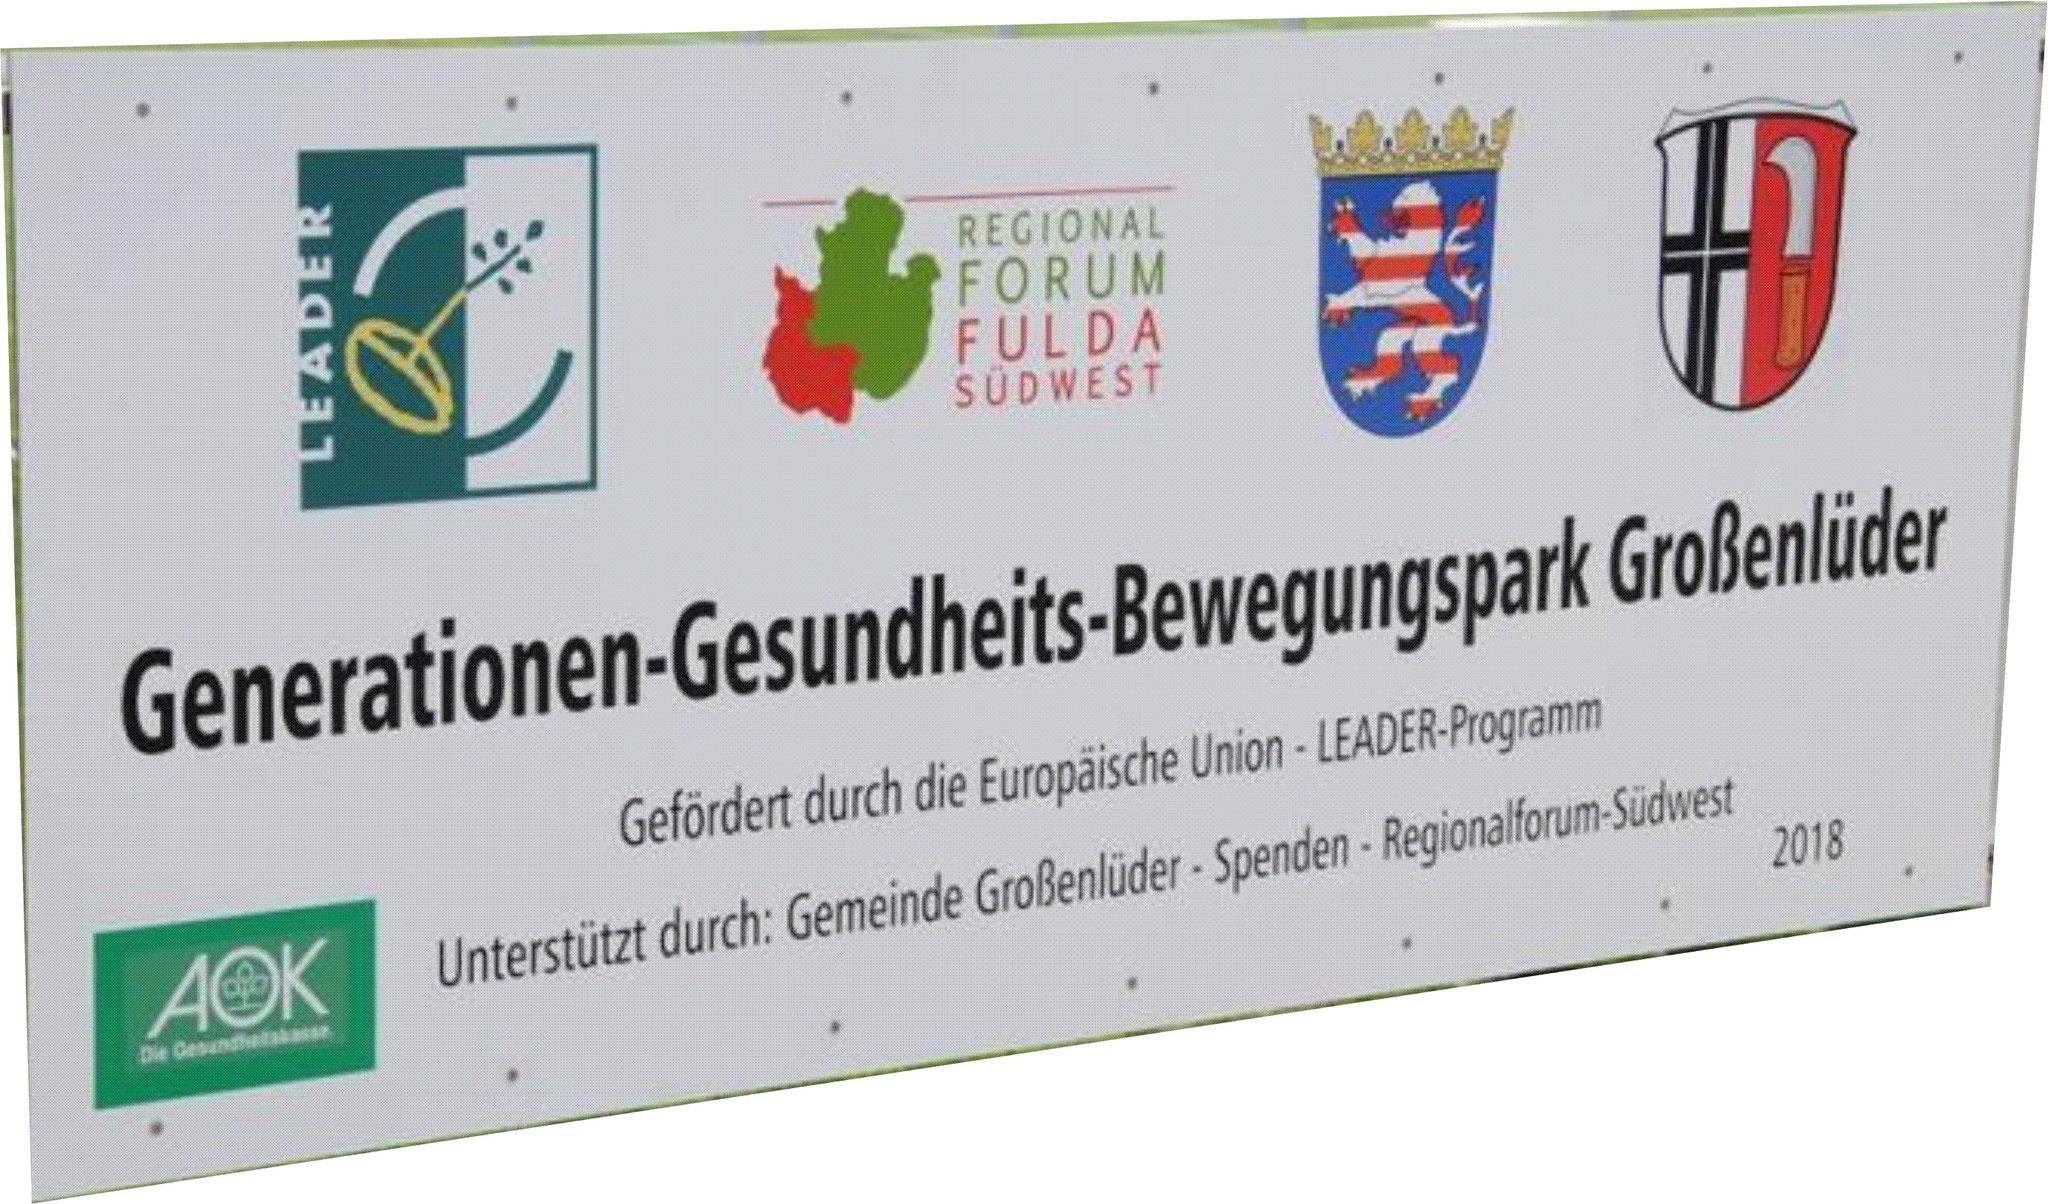 https://www.grossenlueder.de/seite/315463/bau-eines-generationen-gesundheits-bewegungsparks-großenlüder.html